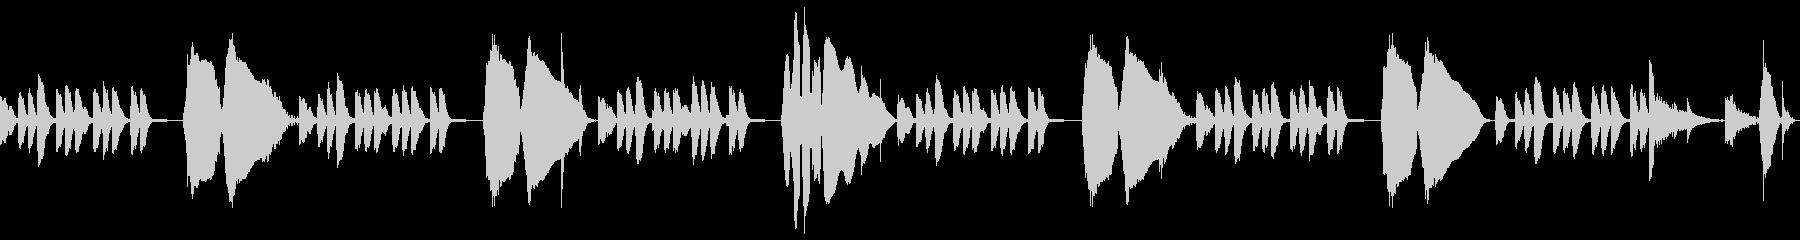 音遊びスチールドラム・トロンボーン生CMの未再生の波形